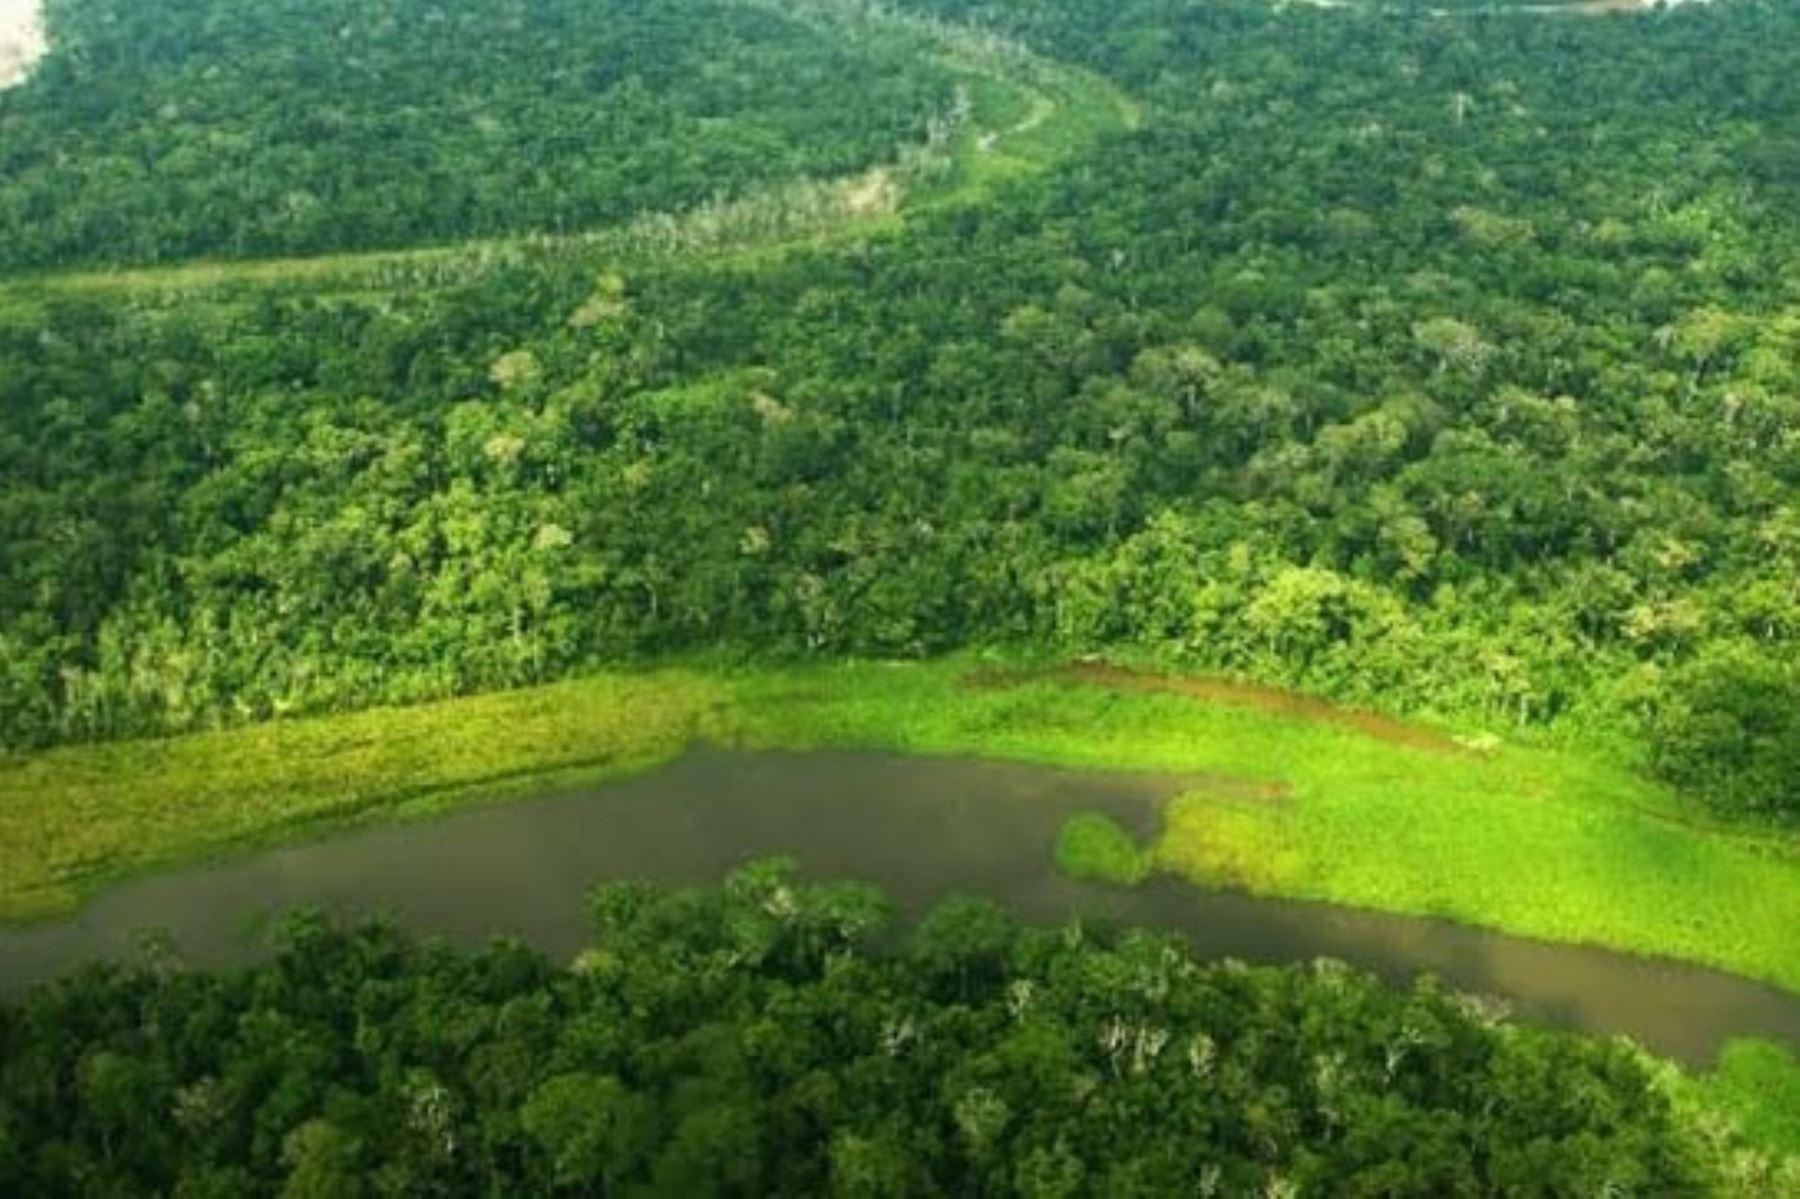 Servicio de monitoreo de bosques del Programa Bosques facilita la participación ciudadana en la lucha contra la deforestación. ANDINA/Difusión